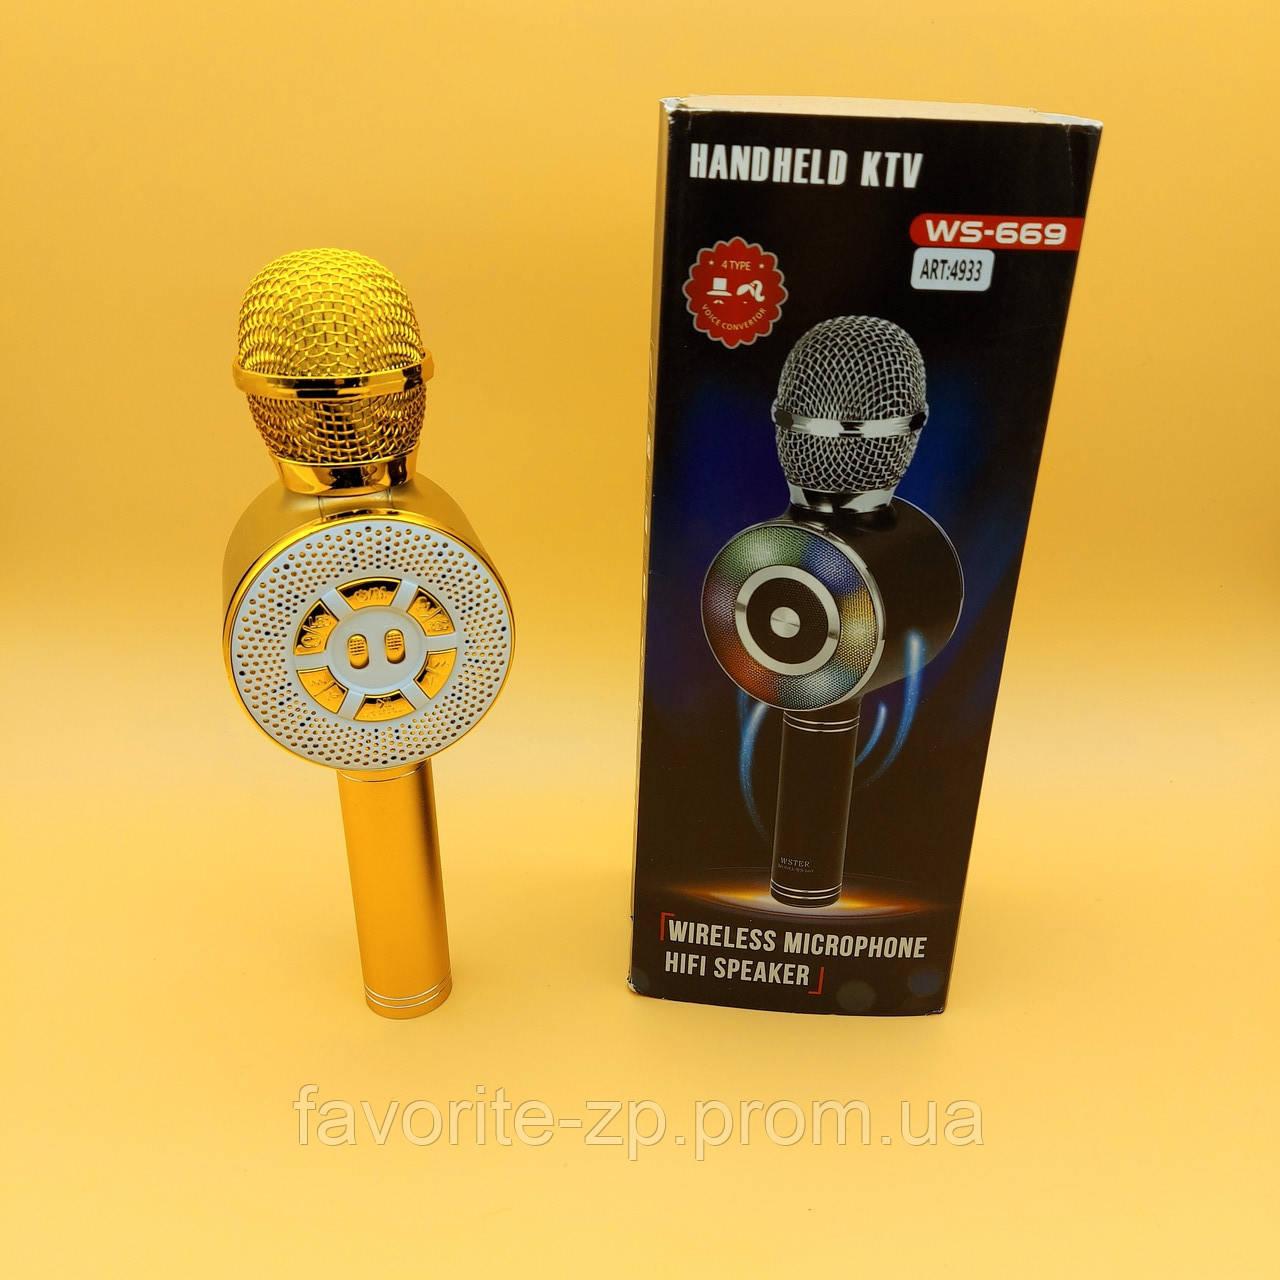 Бездротової Bluetooth мікрофон-караоке WS-669, золотий